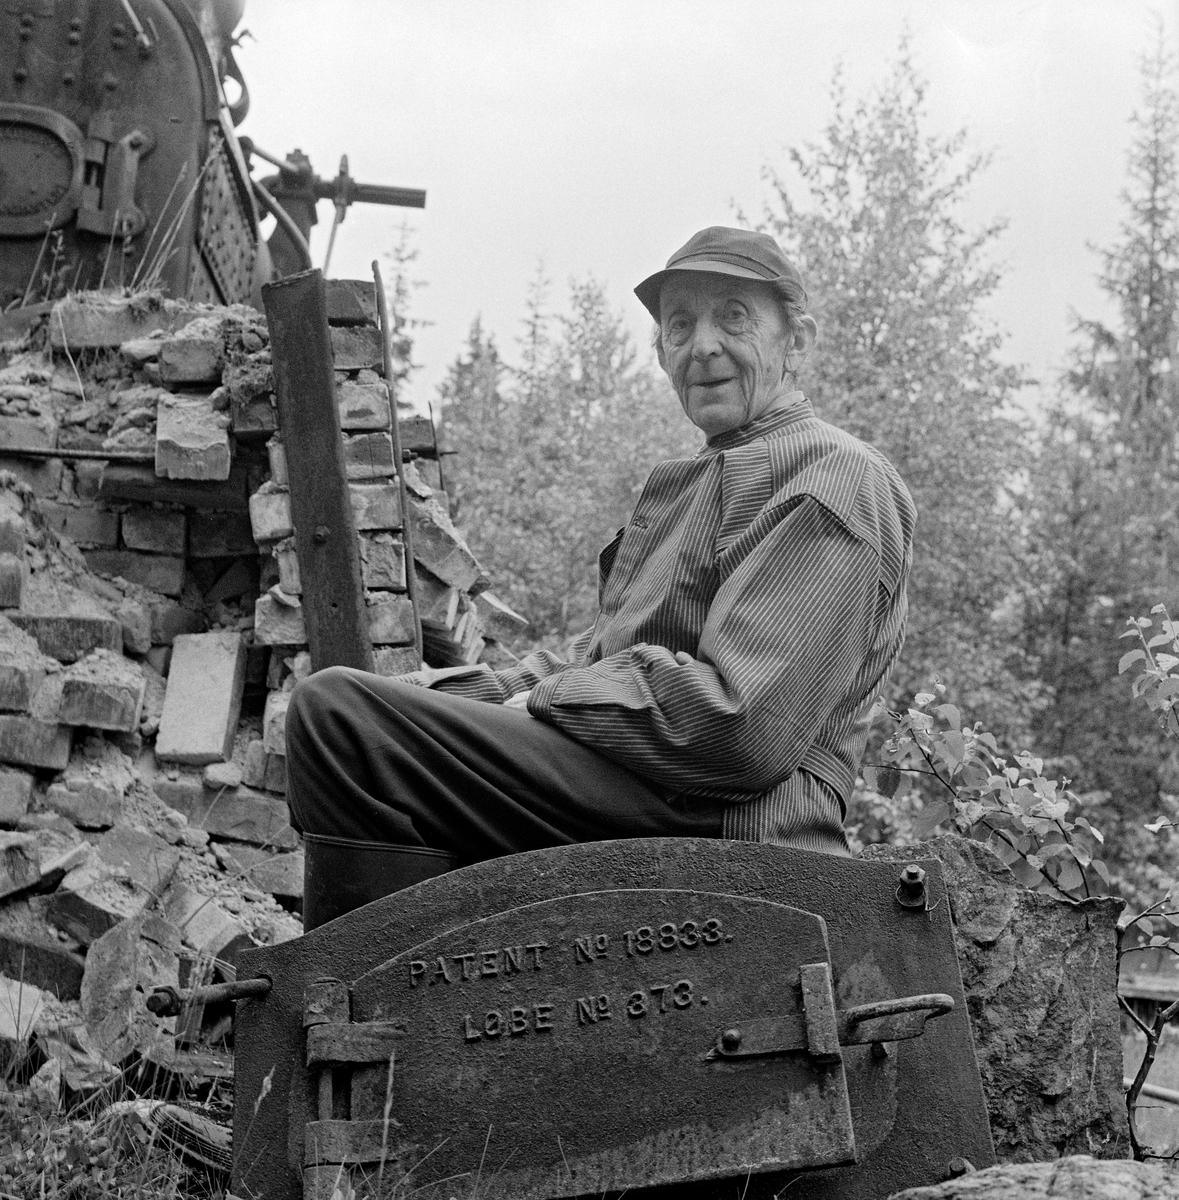 Dampmaskin, levert av O. Jakobsons maskinverksted i Kristiania, brukt på et sagbruk i Eidskog.  Her stod den ved en myrkant, delvis på et underlag av krysslagte bjelker, dels på en teglsteinsmurt oven som var bygd etter et prinsipp som var utviklet av Lauritz Sæthern (1866-1935) i Eidskog.  På dette bildet ser vi grunneier Harry Pramhus (1891-1973) posere framfor den delvis utraste ovnen med døra til fyrkjelen i forgrunnen.  Ole Jakobson var husmannssønn fra Hedmarken.  Han fikk bare folkeskoleutdanning, men som ung voksen fikk han stillingen som pedell ved Katedralskolen i hovedstaden.  Der skal han ha fått muligheter for å lære.  Det var særlig tekniske fag som interesserte Jakobson, og i 1845 startet han sitt eget verksted.  Der produserte han blant annet maskiner for landbruket, som han kjente godt fra sitt eget oppvekstmiljø.  Etter Jakobsons død ble virksomheten overtatt av sønnen, som hadde fått reise til USA for å ta den formelle utdanninga faren manglet.  Han flyttet verkstedet fra de opprinnelige lokalene i Torggata 11 til Nedre Foss, i nyere tid bedre kjent som Vulkan.  I 1894 fikk bedriften nye eiere, som flyttet virksomheten til Schultzehaugen.  Produktspekteret ble gradvis vridd fra landbruksmaskiner til vaskemaskiner (varemerket «JAKO») og klesruller.